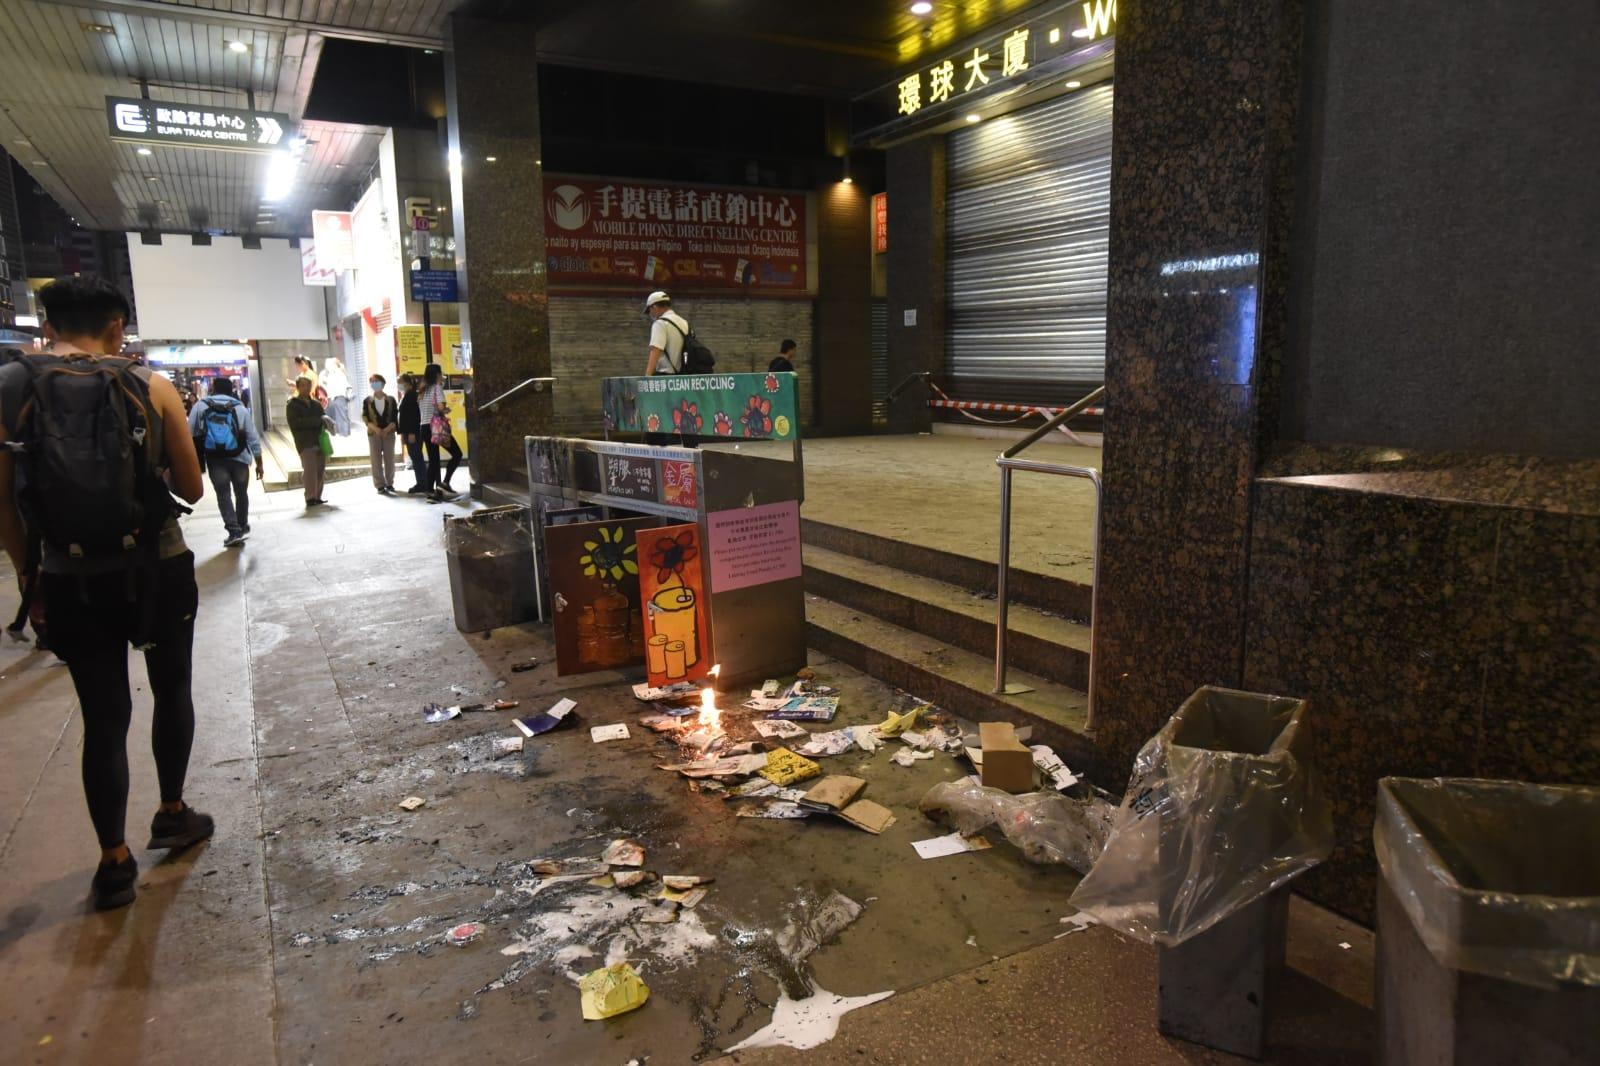 中環站被示威者縱火